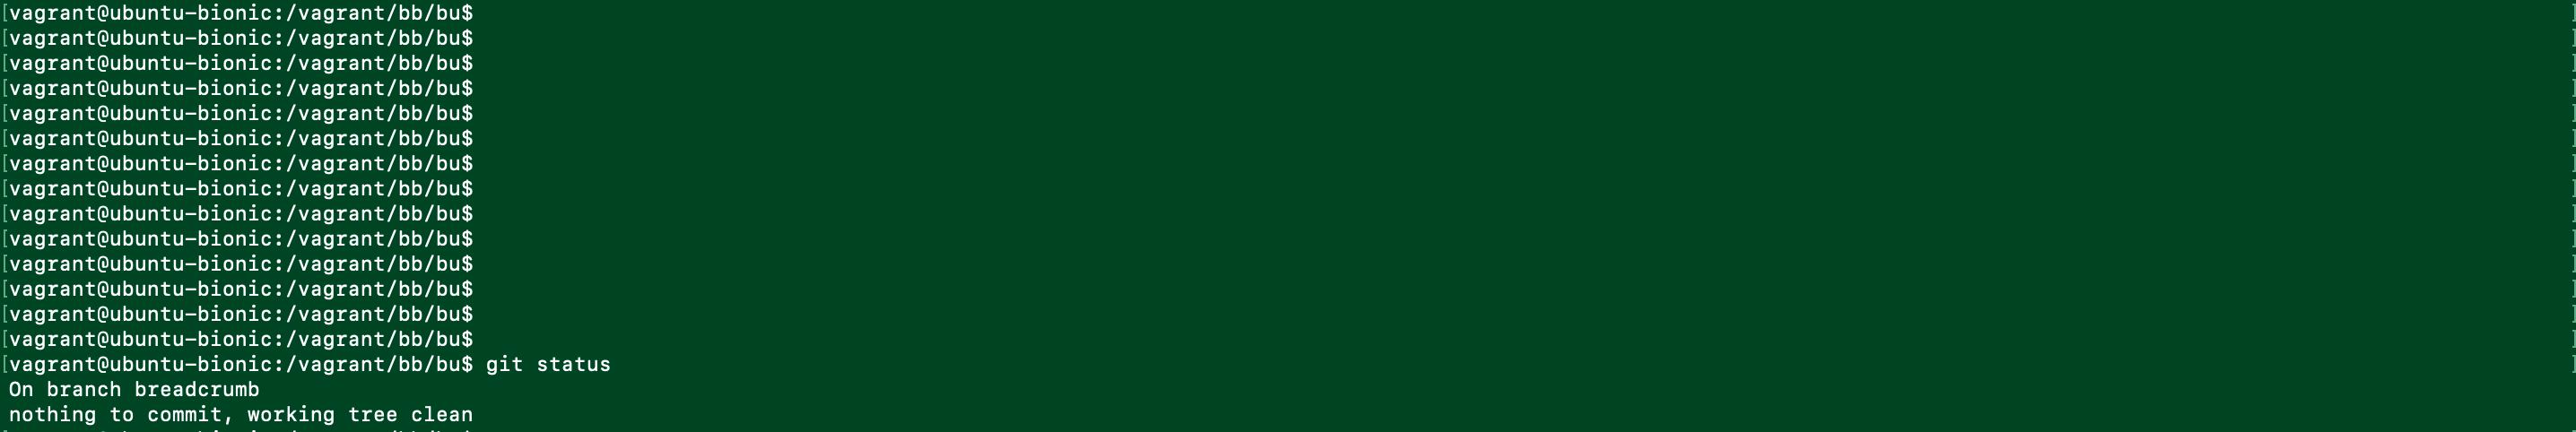 スクリーンショット 2019-04-15 14.25.50.png